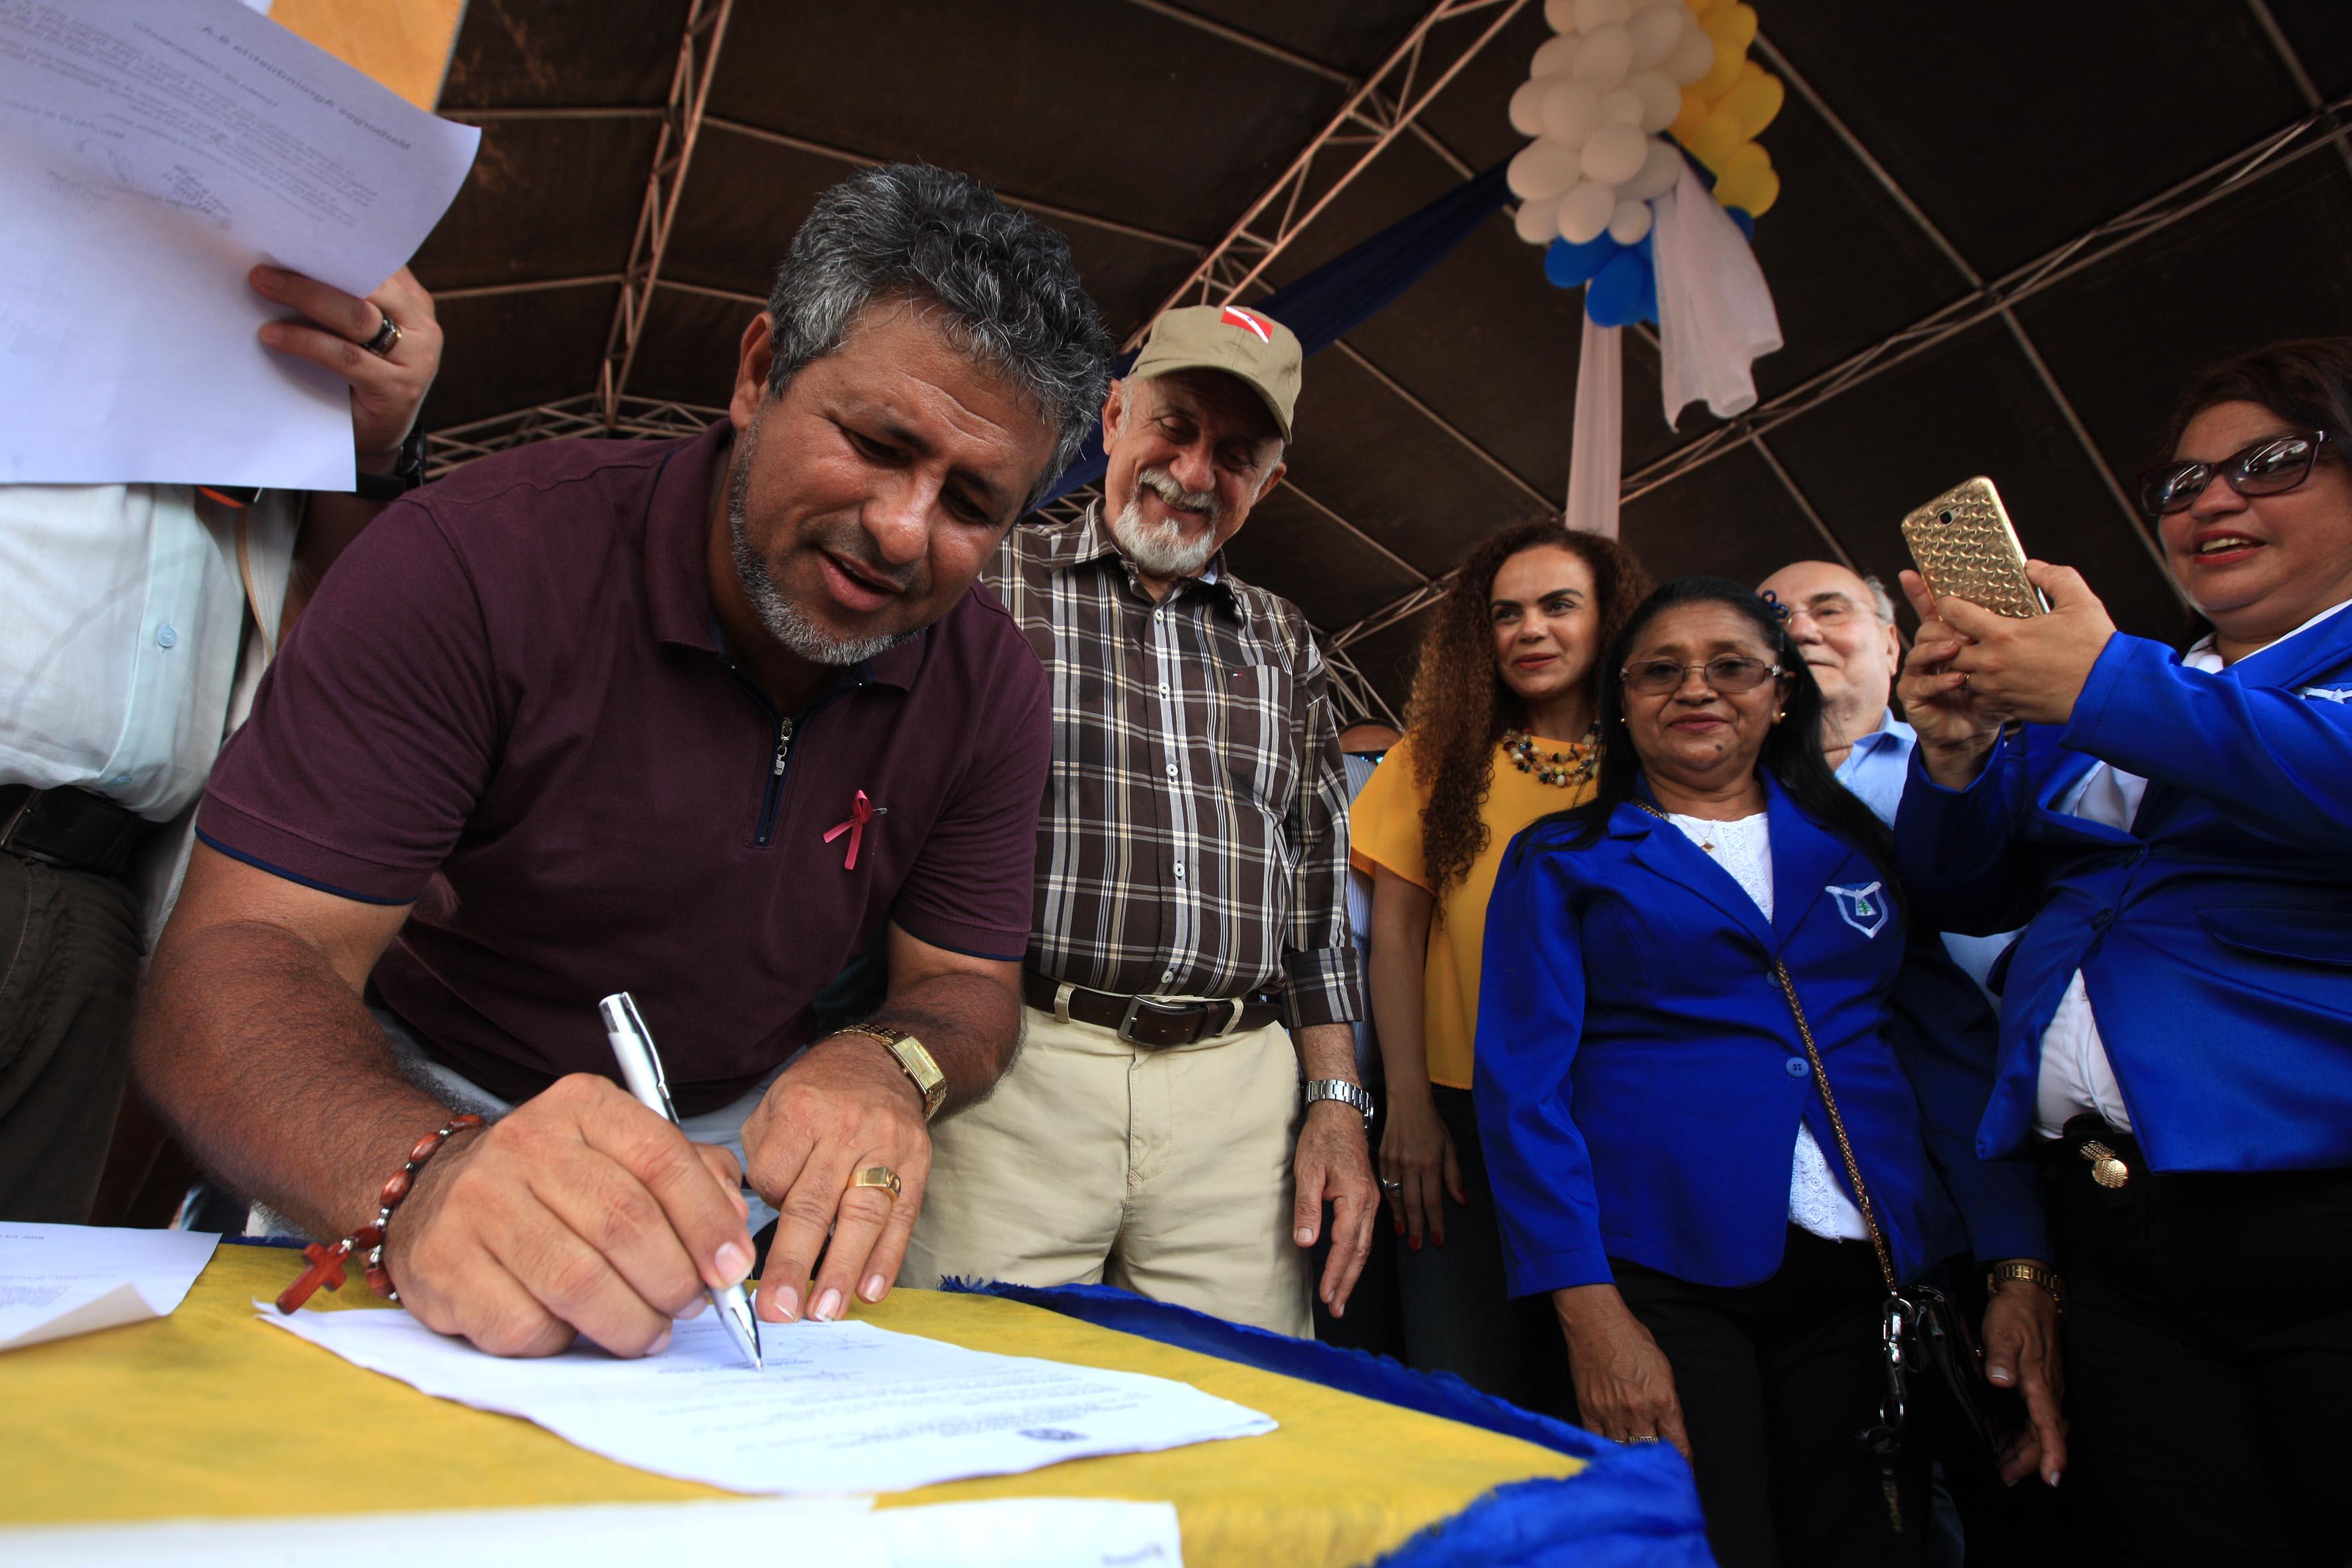 O prefeito do Moju, Deodoro Pantoja da Rocha (Ieié Pantoja), também assinou documentos que vão garantir mais obras importantes no município